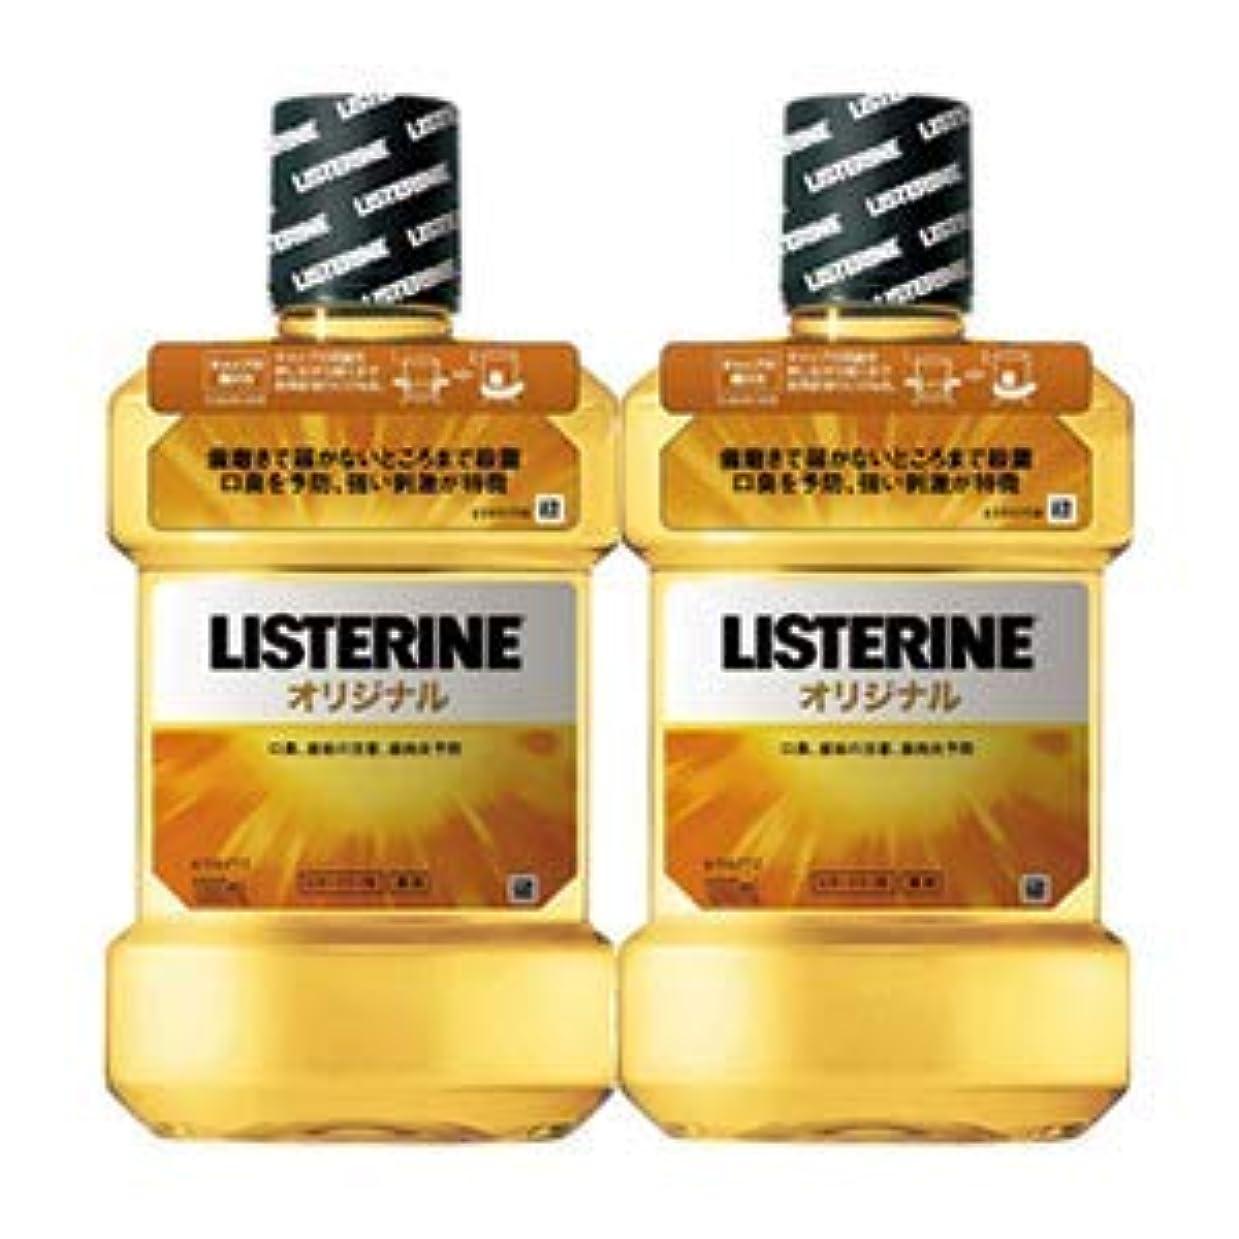 瞑想的アクセシブル消毒する薬用リステリン オリジナル (マウスウォッシュ/洗口液) 1000mL×2本セット